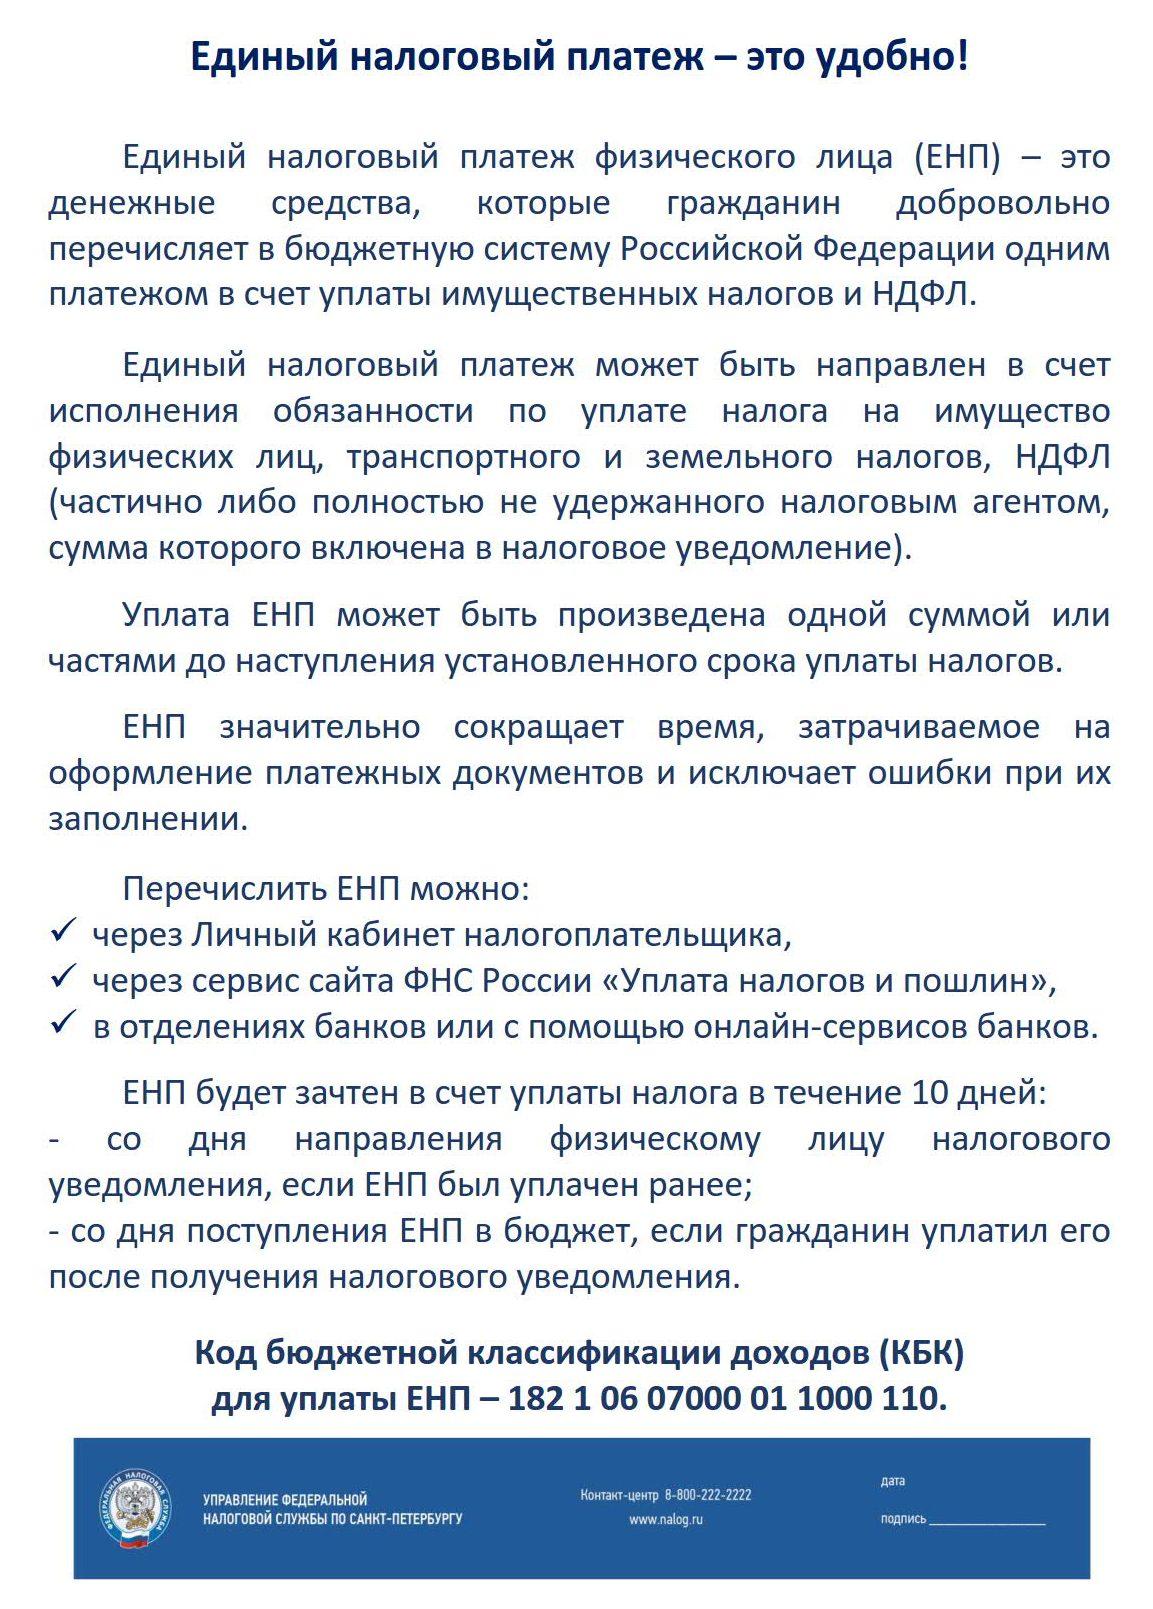 24_ЕНП - это удобно_1